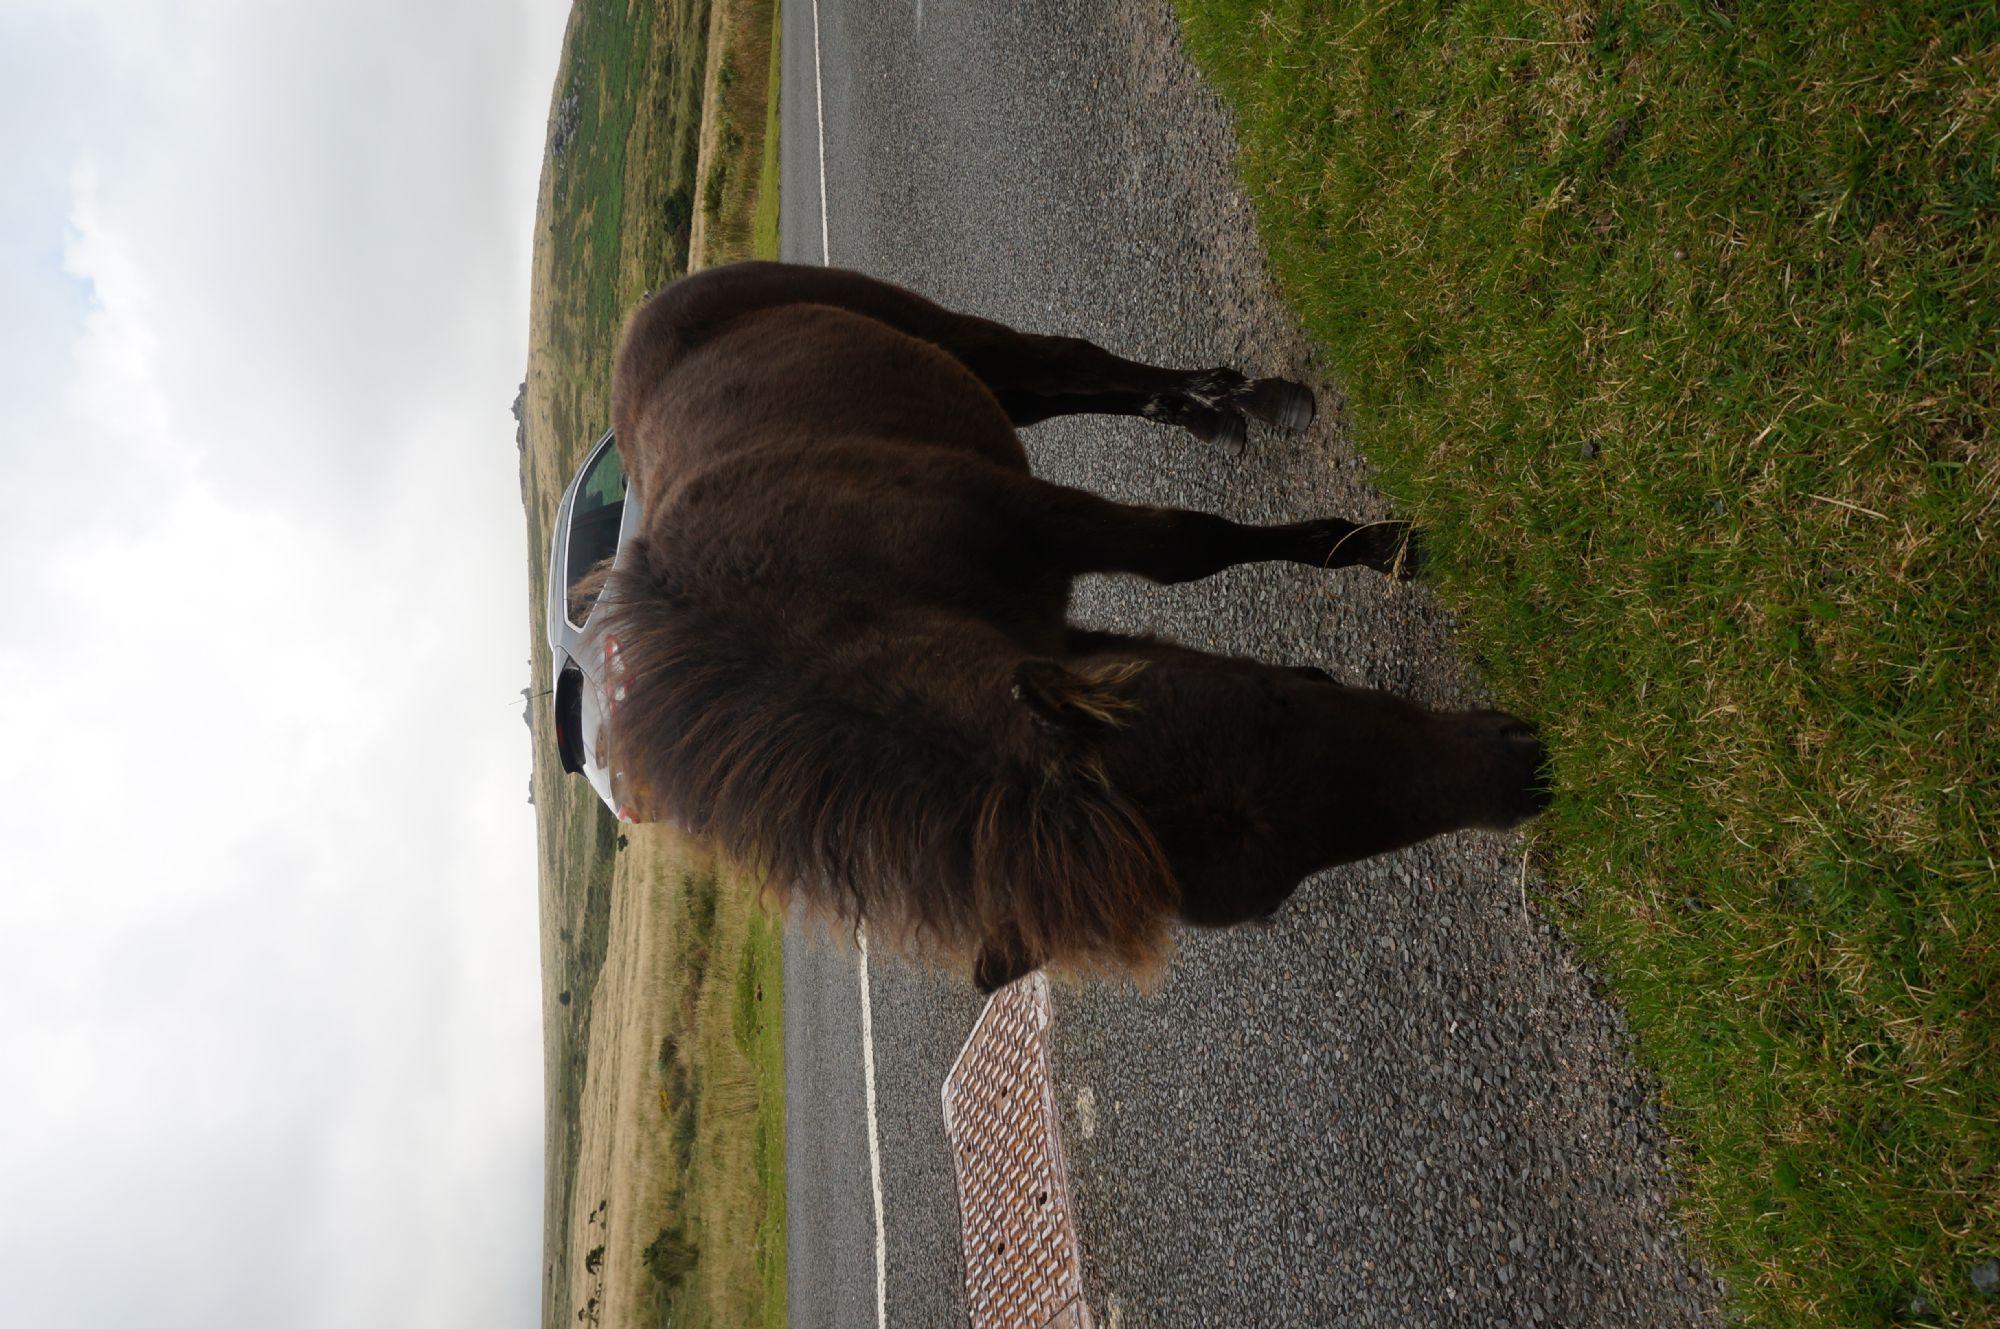 One more pony